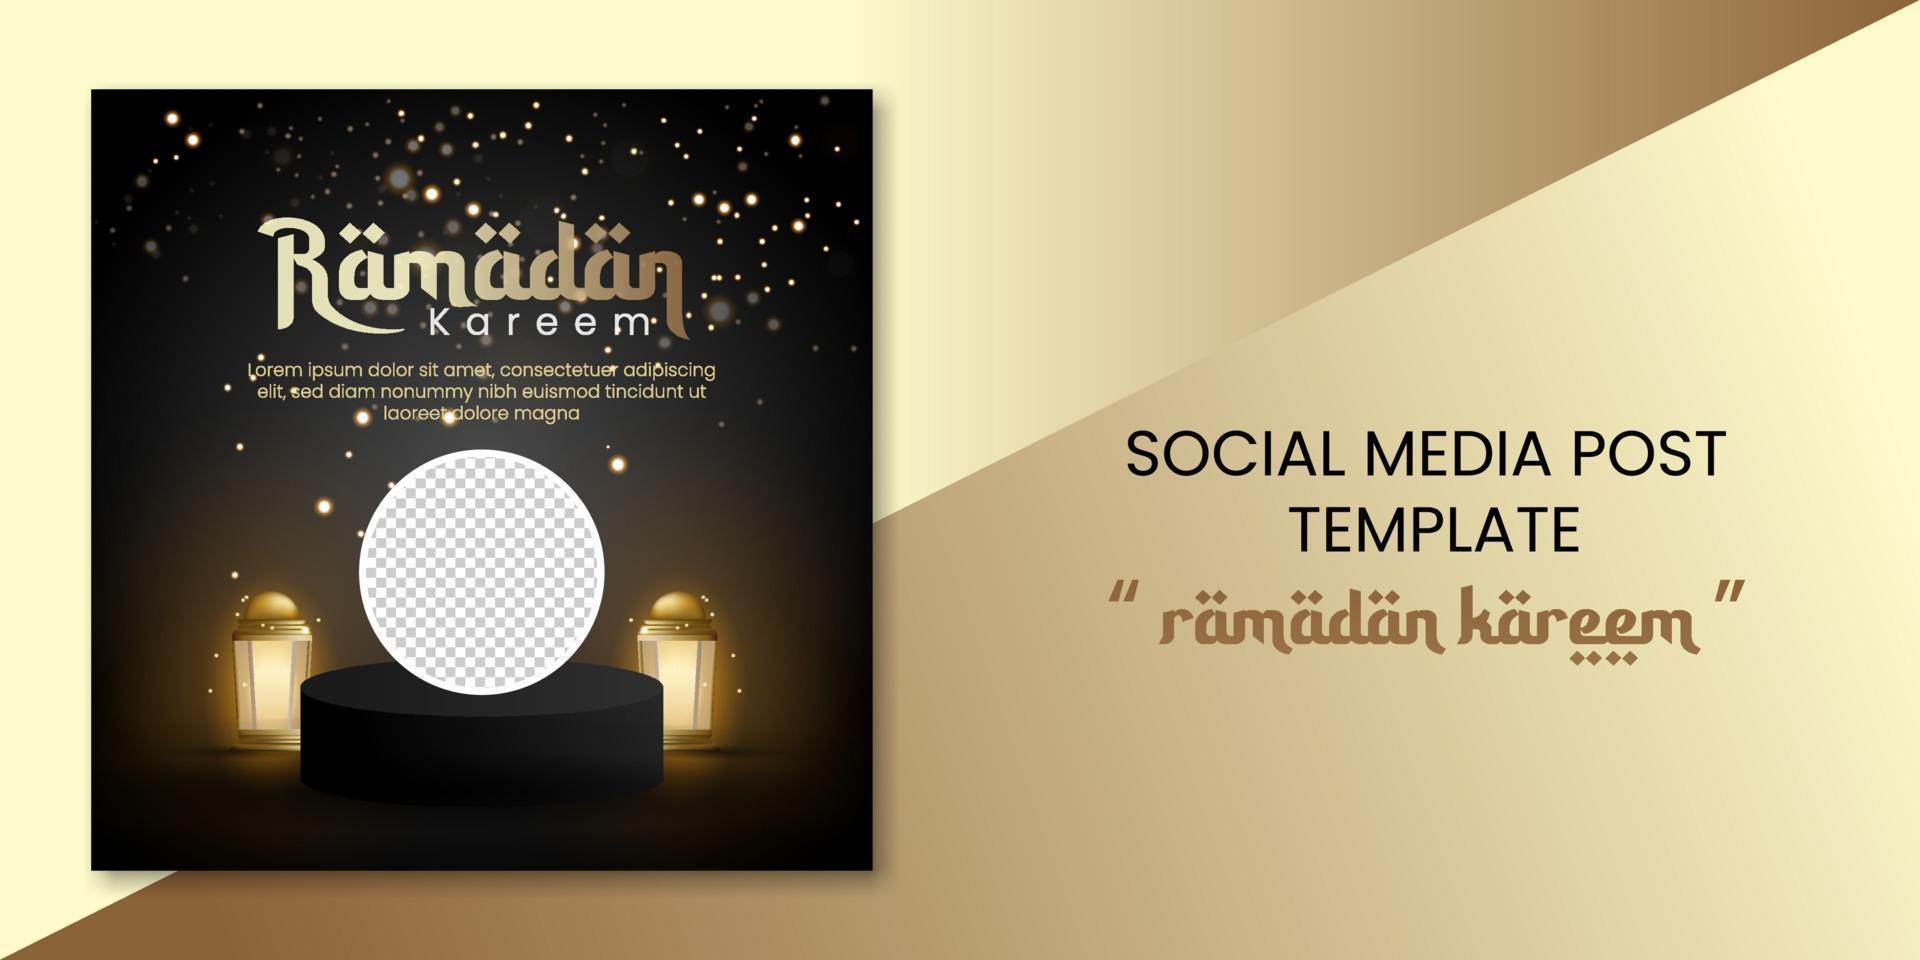 banner de mídia social ramadan kareem com lanterna e pódio para cartão de felicitações, voucher, pôster, modelo de banner para evento islâmico vetor